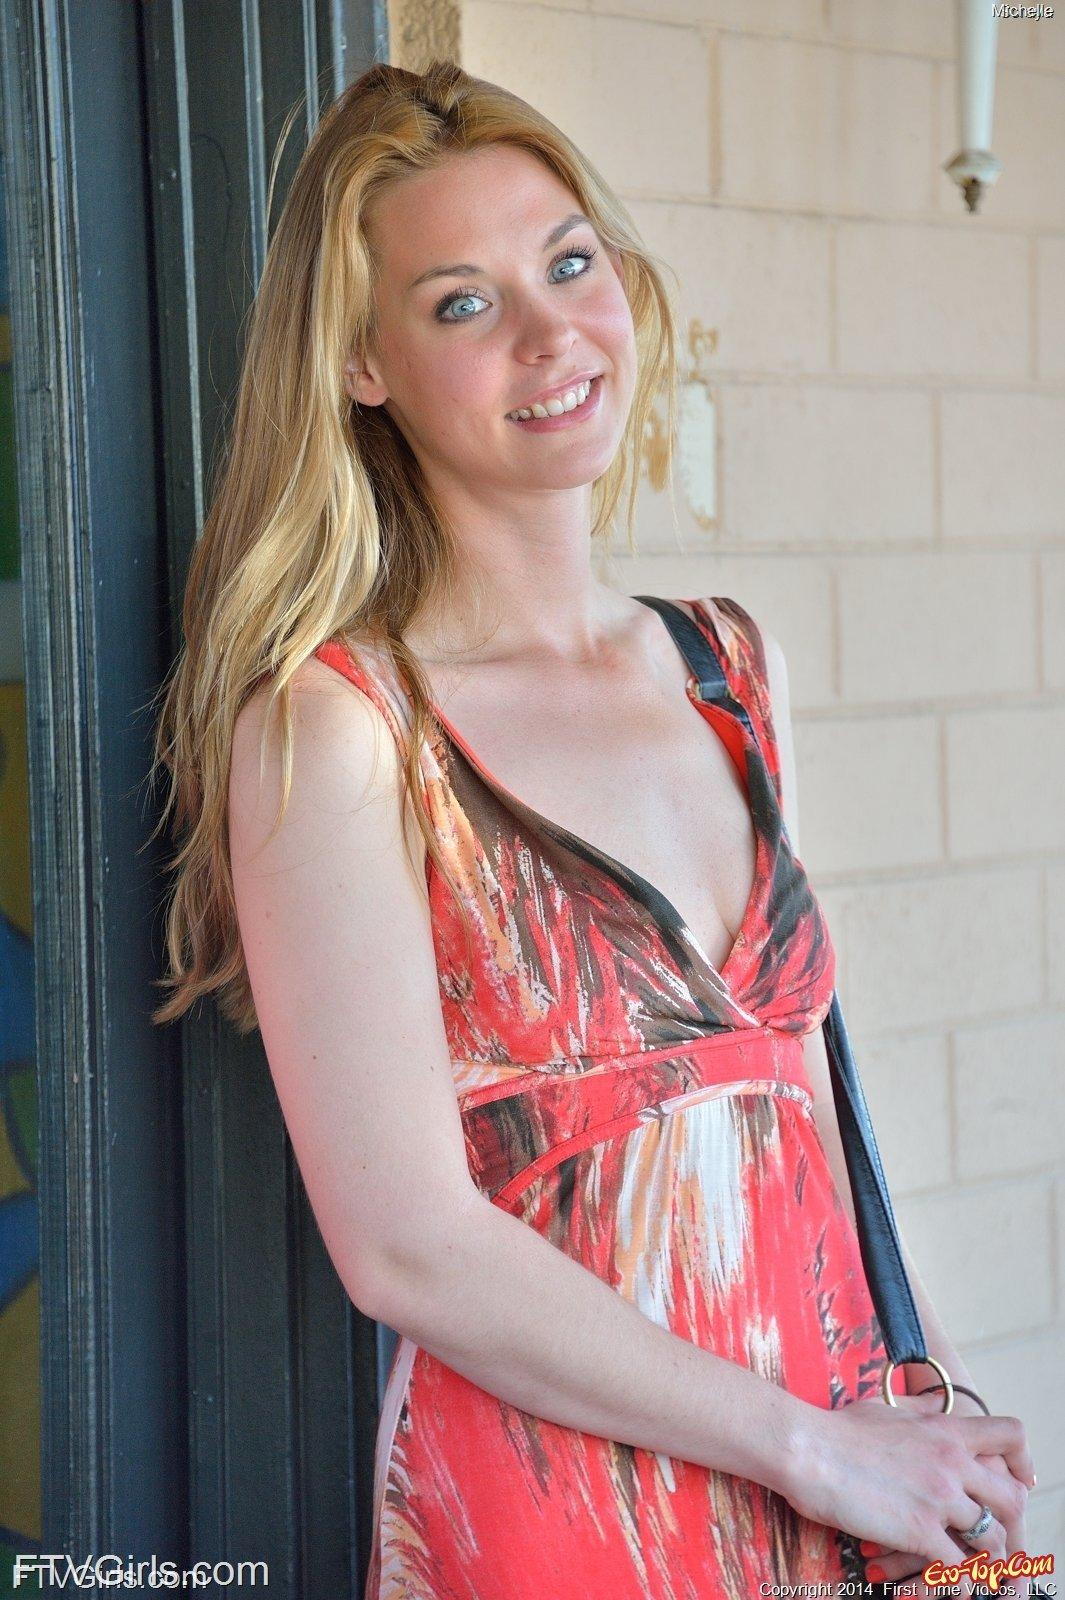 Блондинка показала грудь и письку в городе